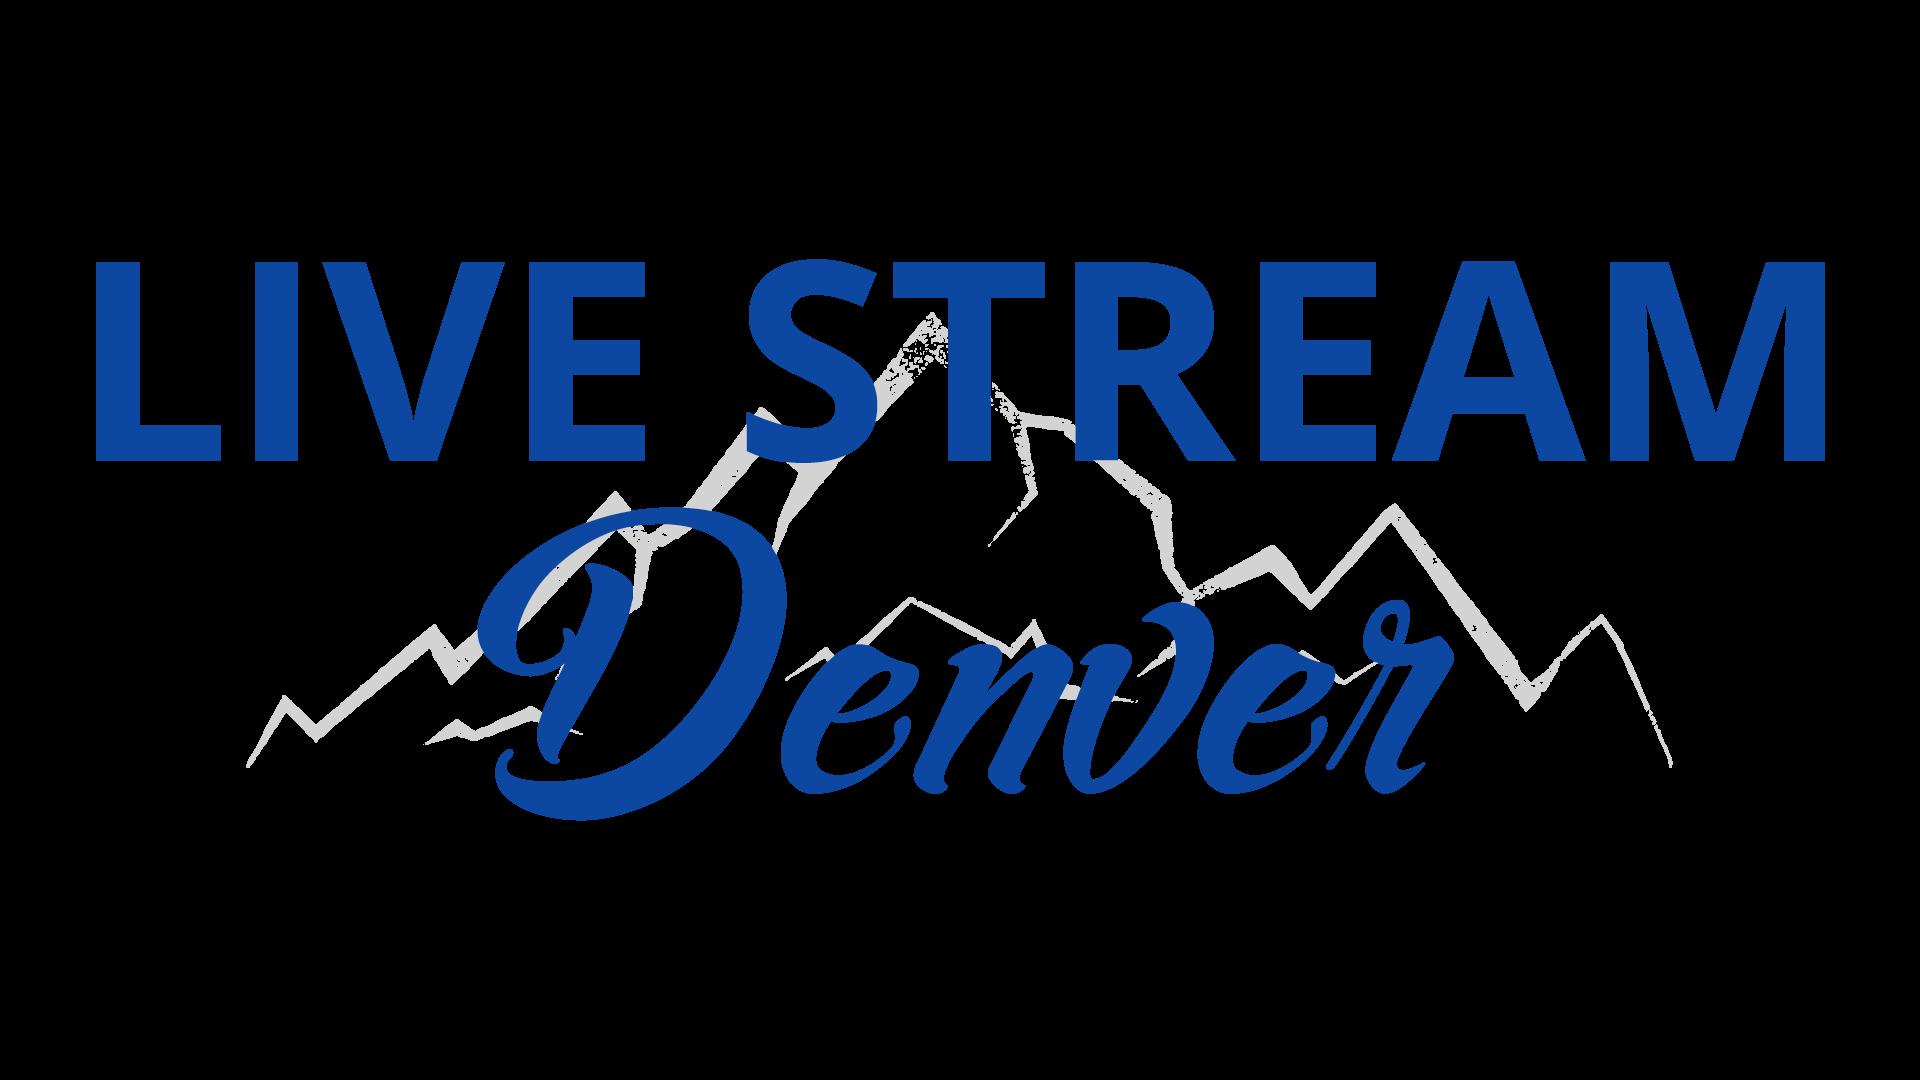 live stream denver logo